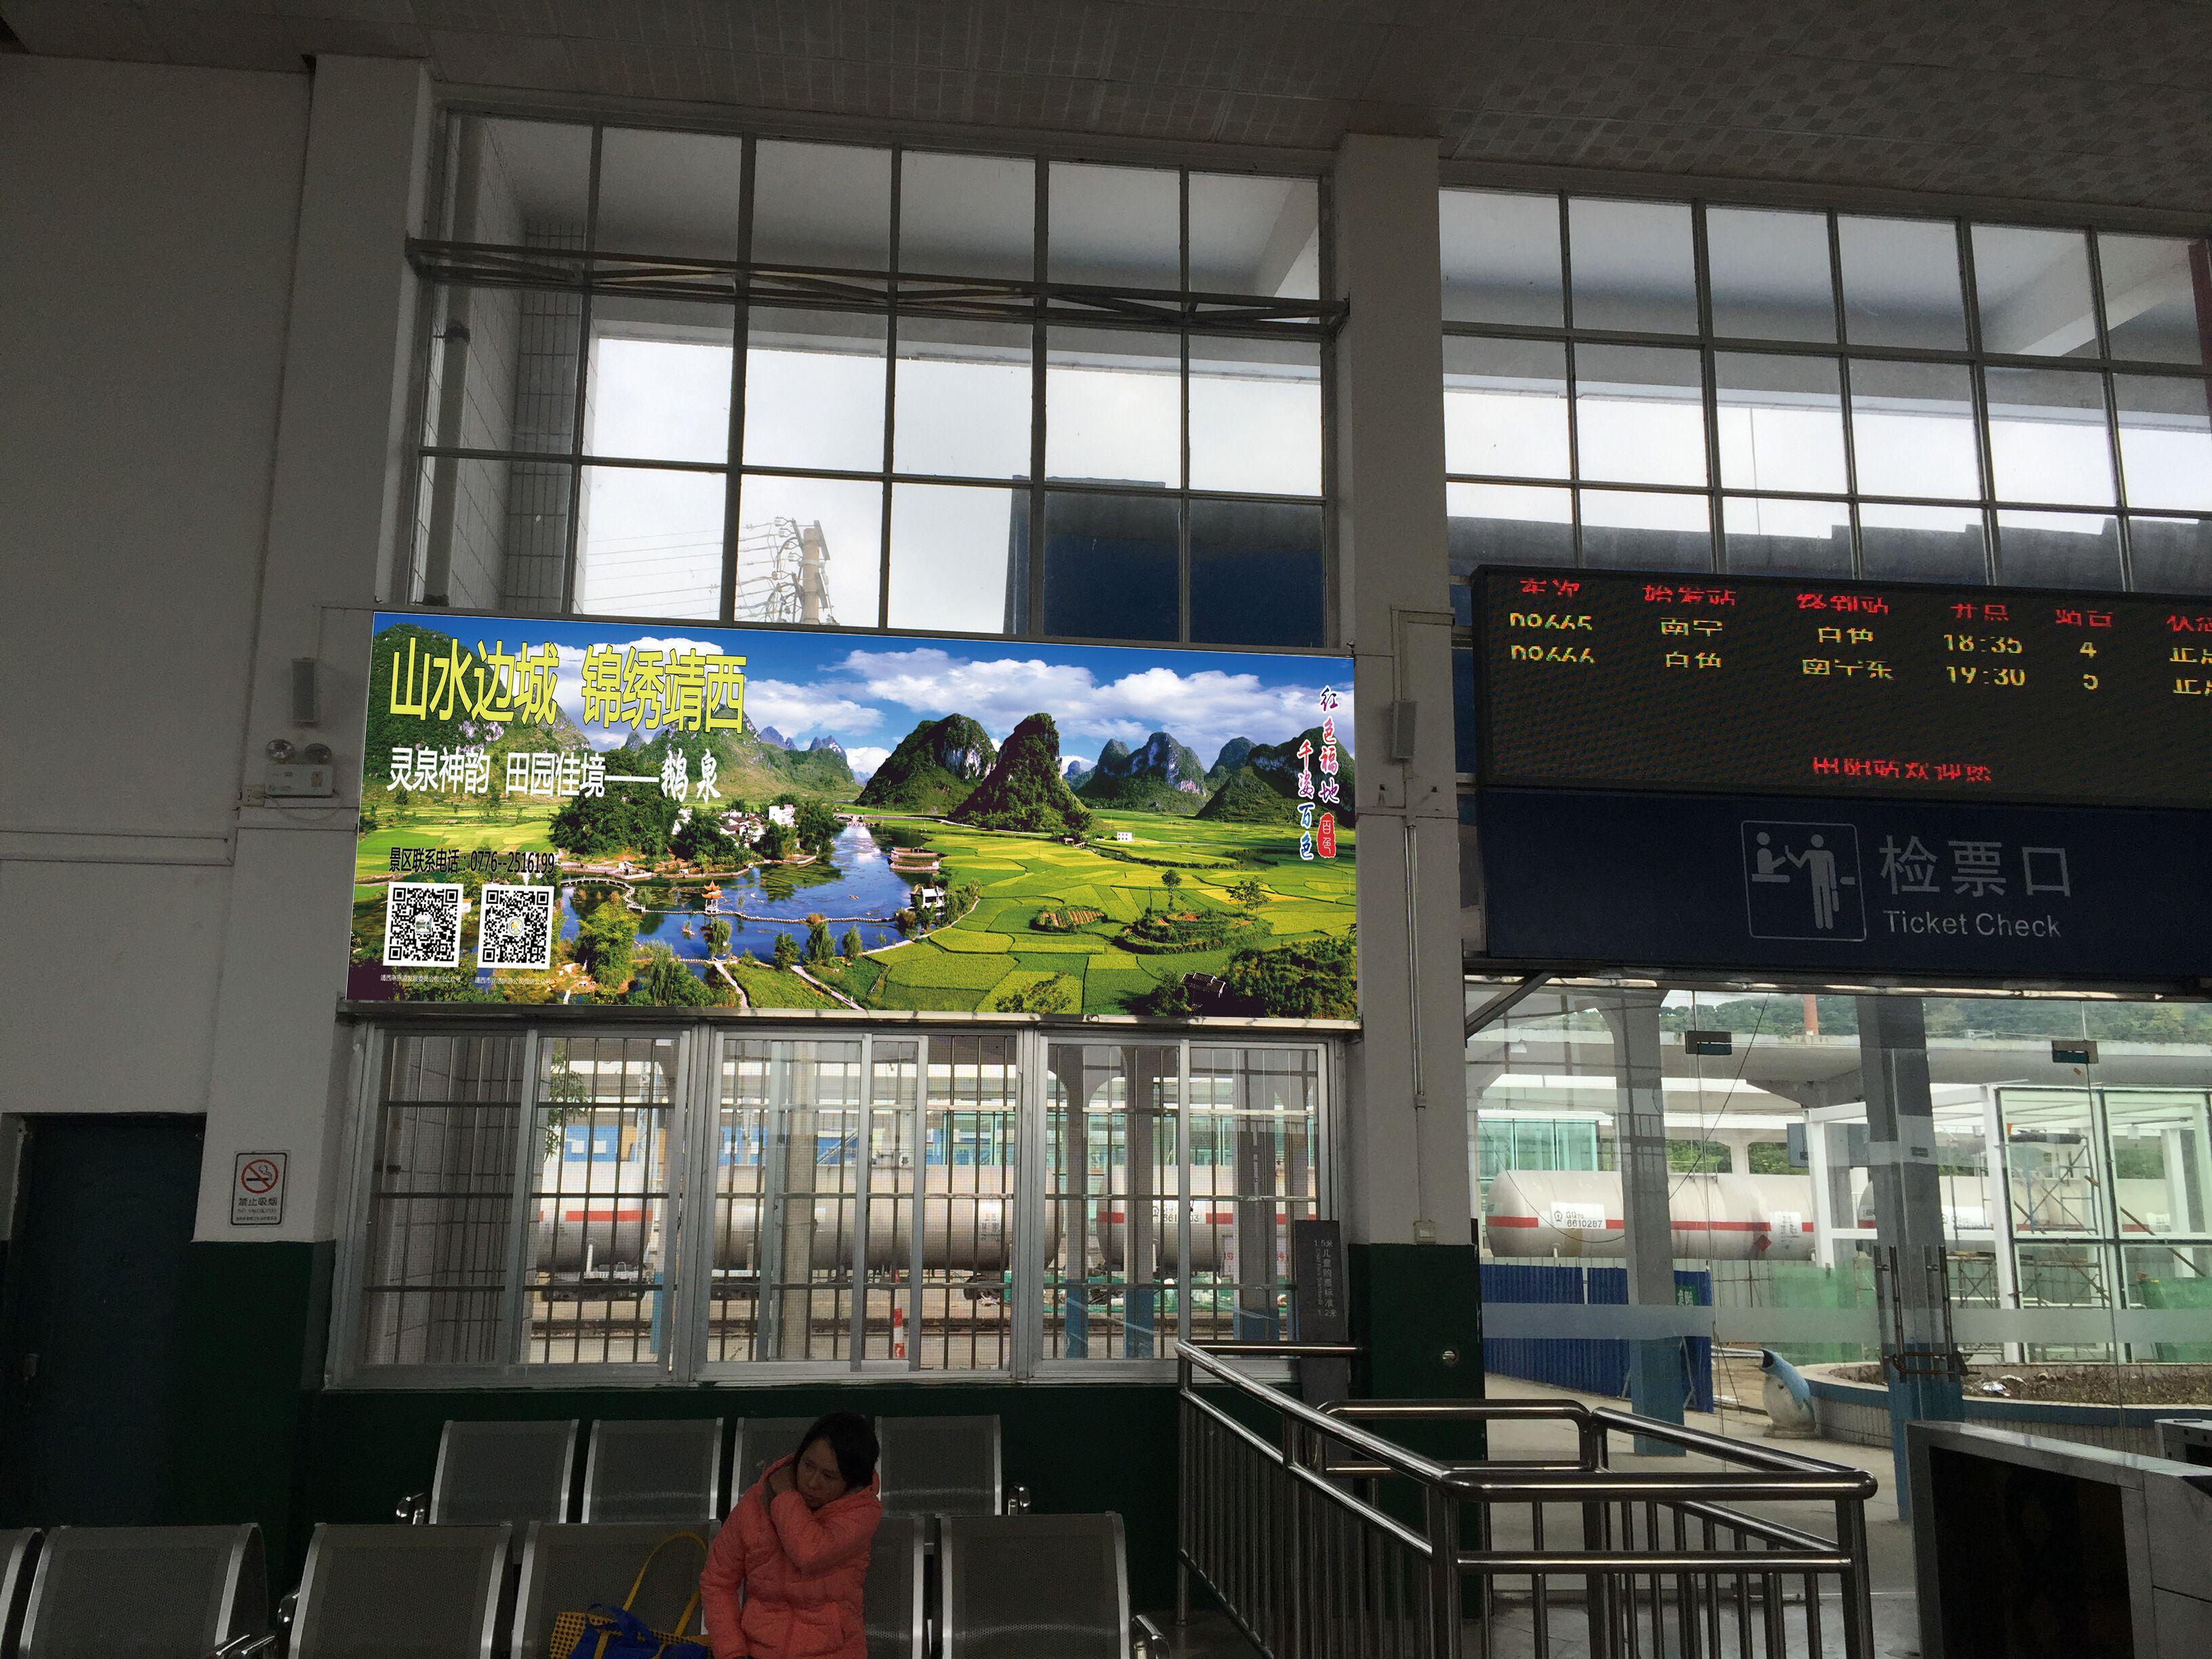 广西百色市田阳站火车站高铁站候车大厅媒体灯箱广告位